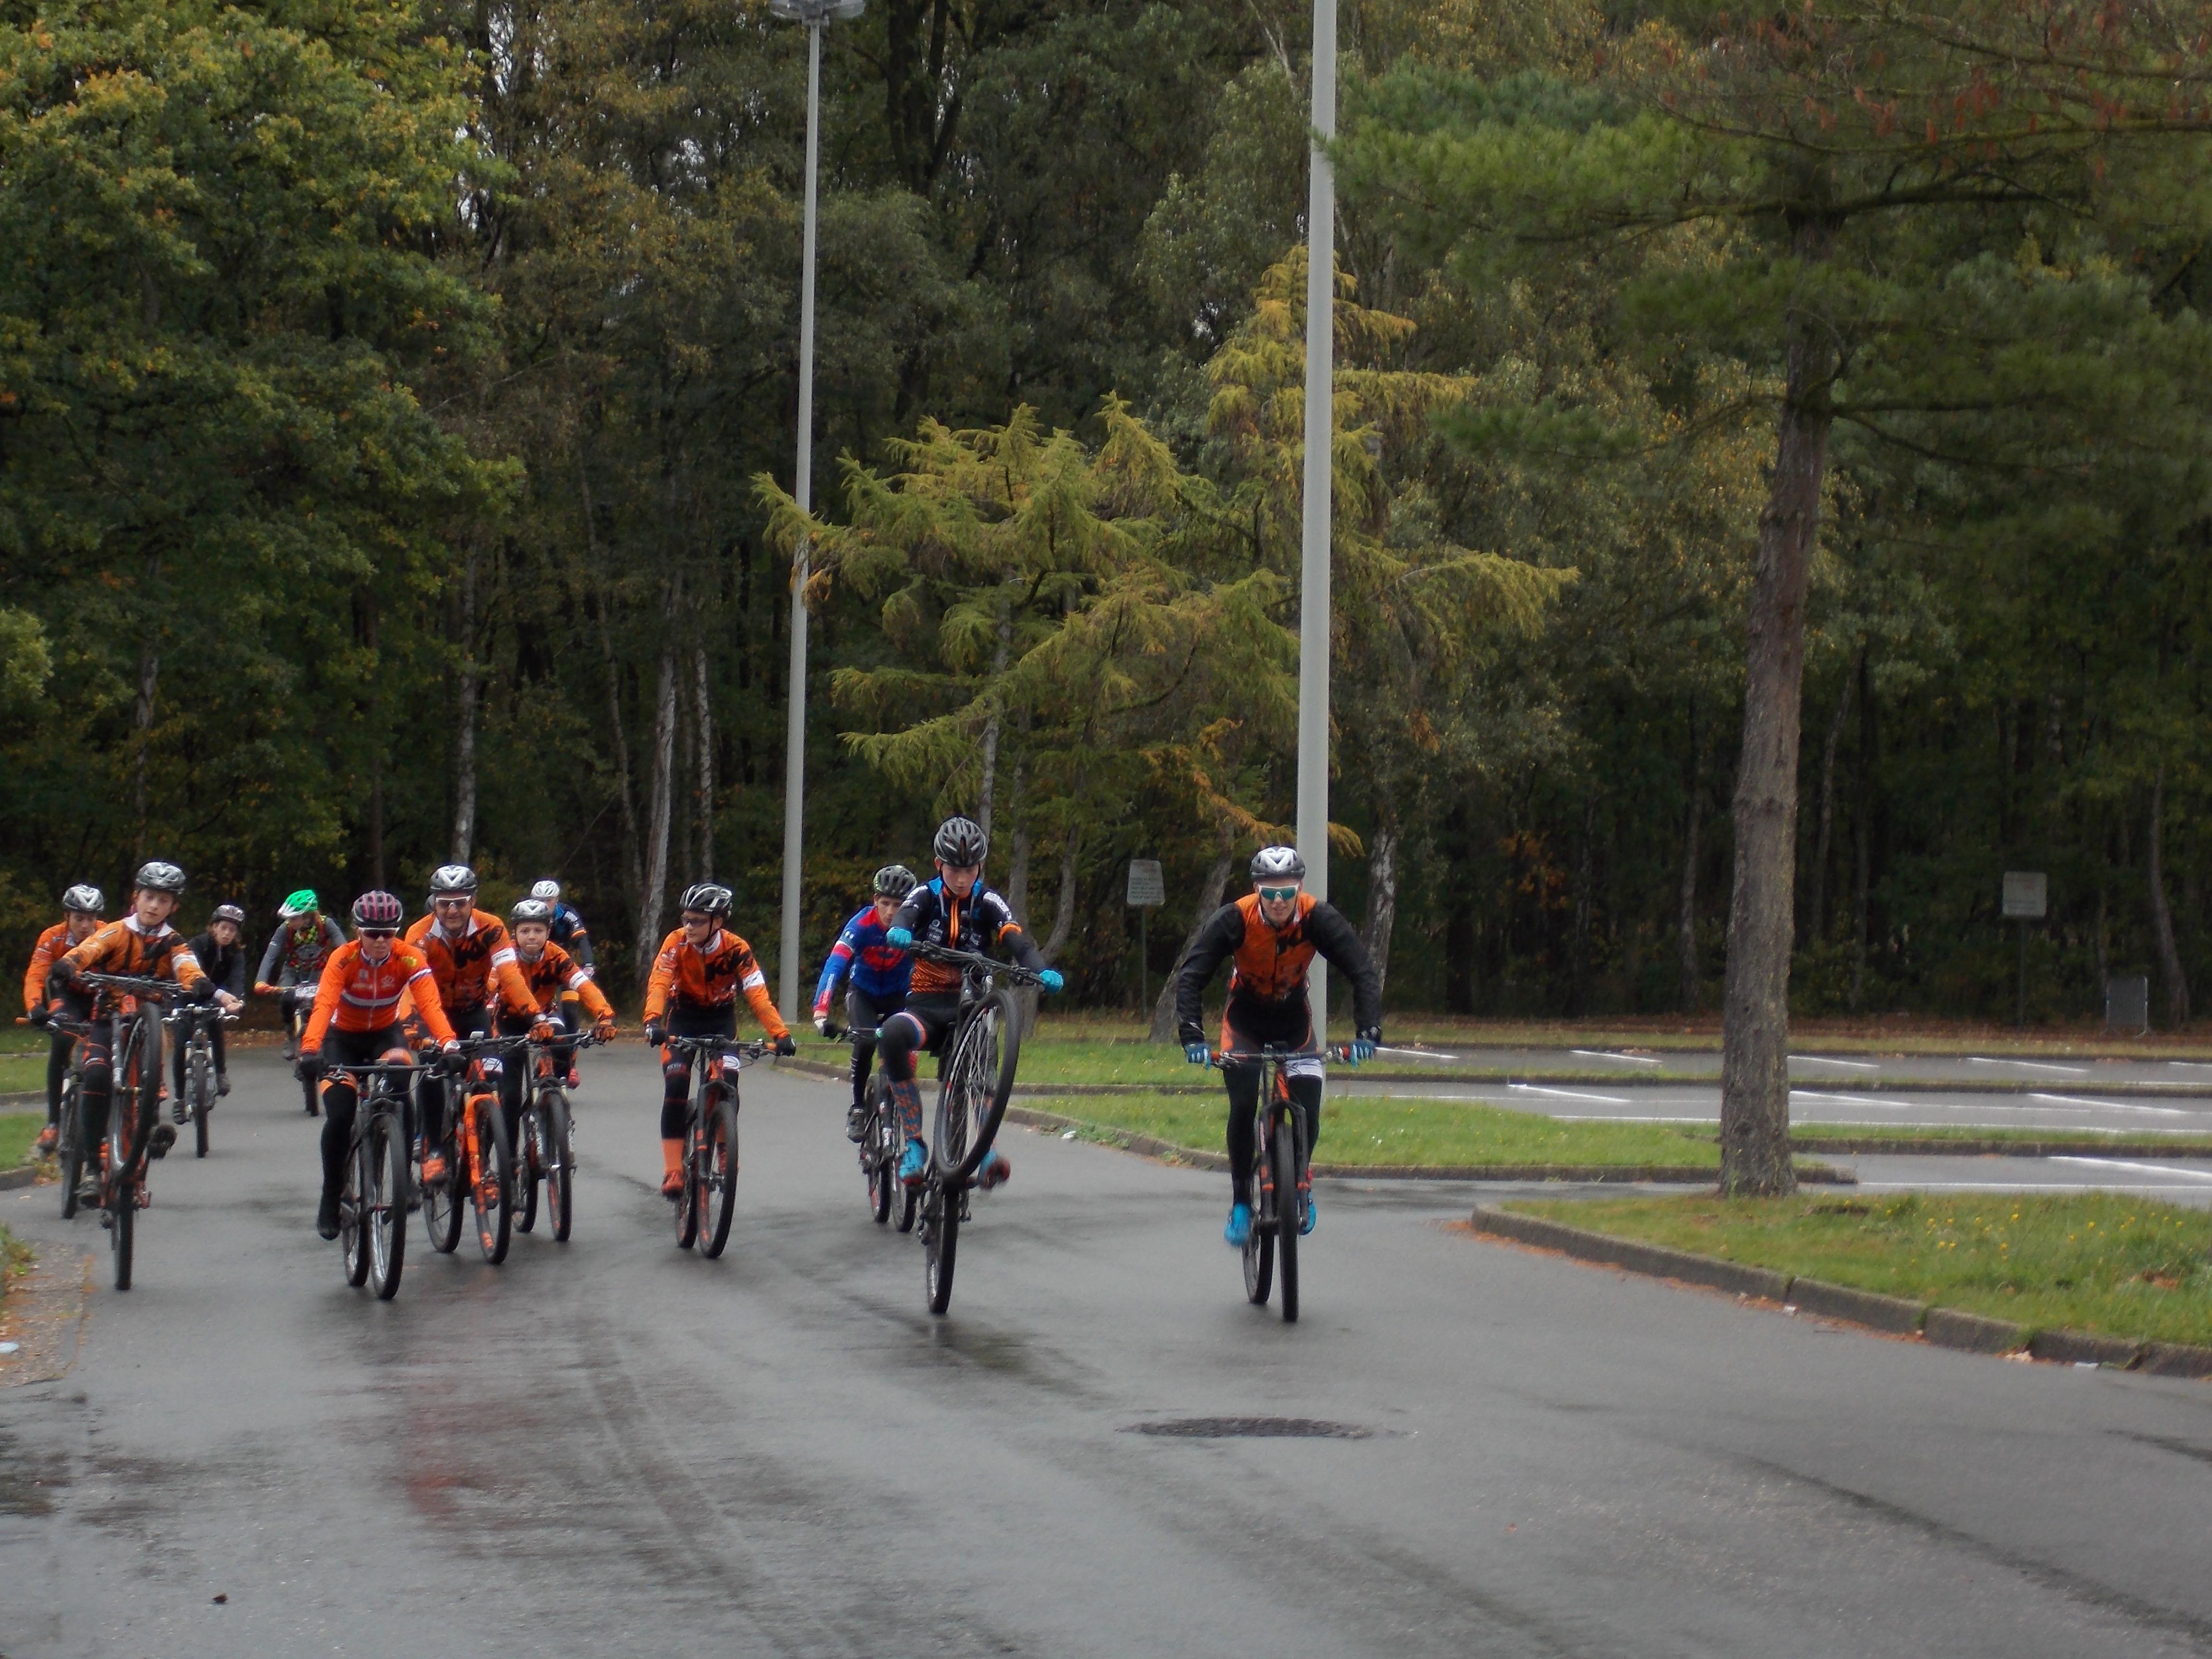 Sfeerbeeldverslag teamdag KTM Bikevision UCI MTB team